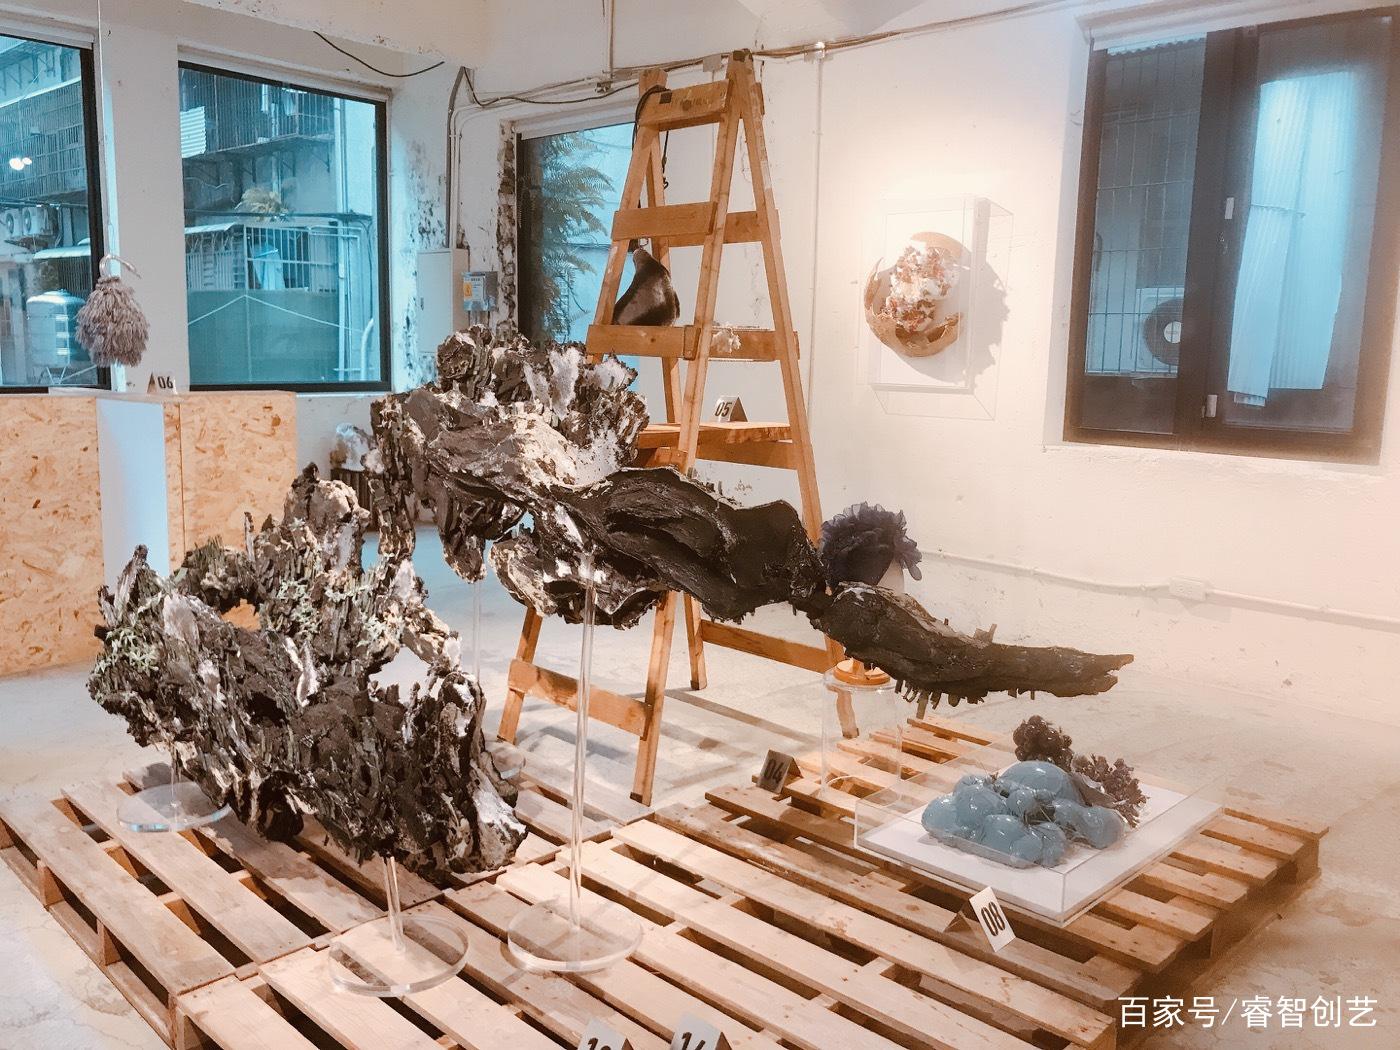 质物霽画把废料化身时尚配件,打造永续再生跨域展览